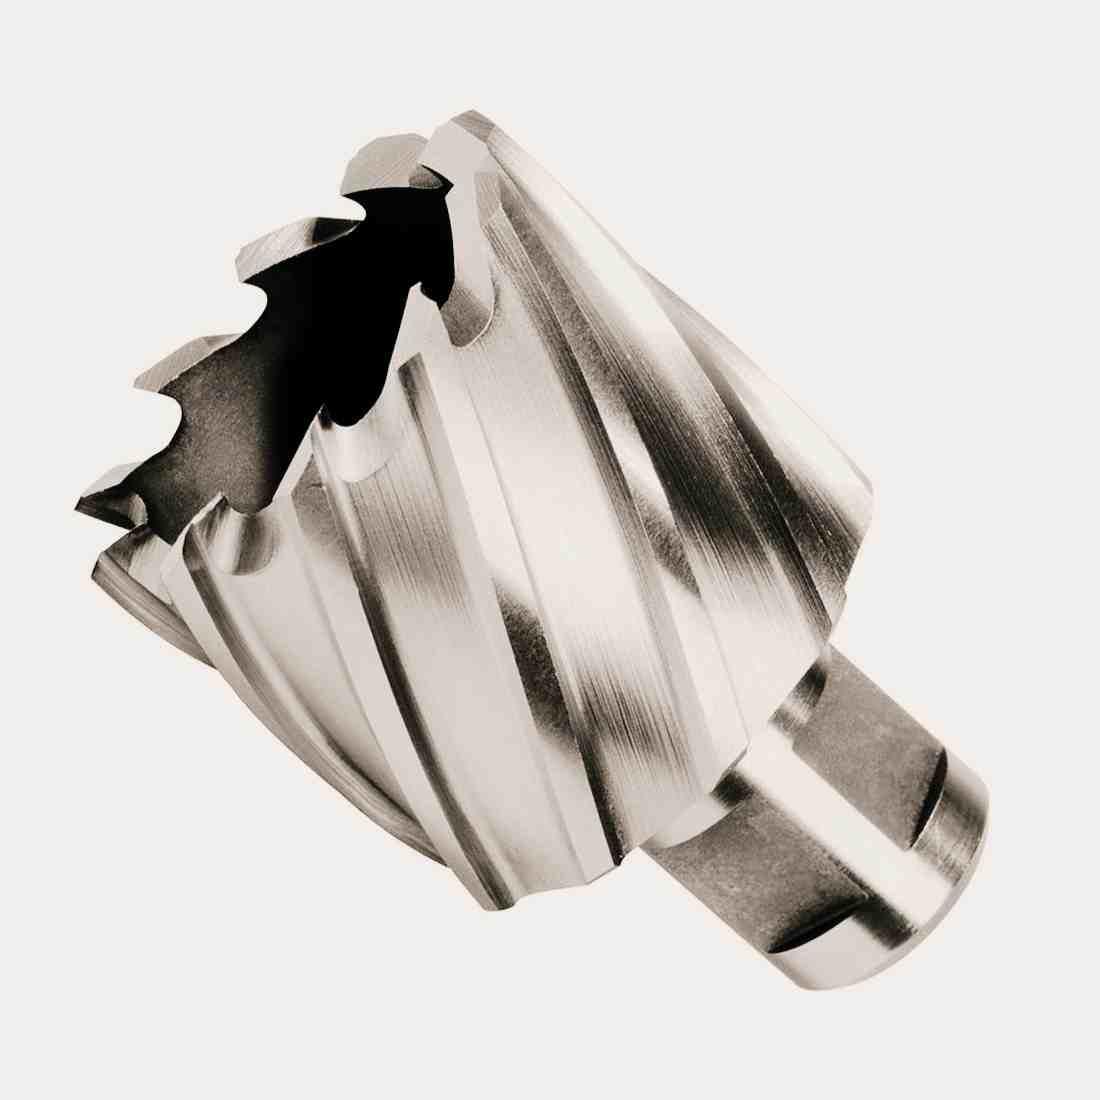 Коронки по металлу на дрель их разновидности и конструктивные характеристики – мои инструменты